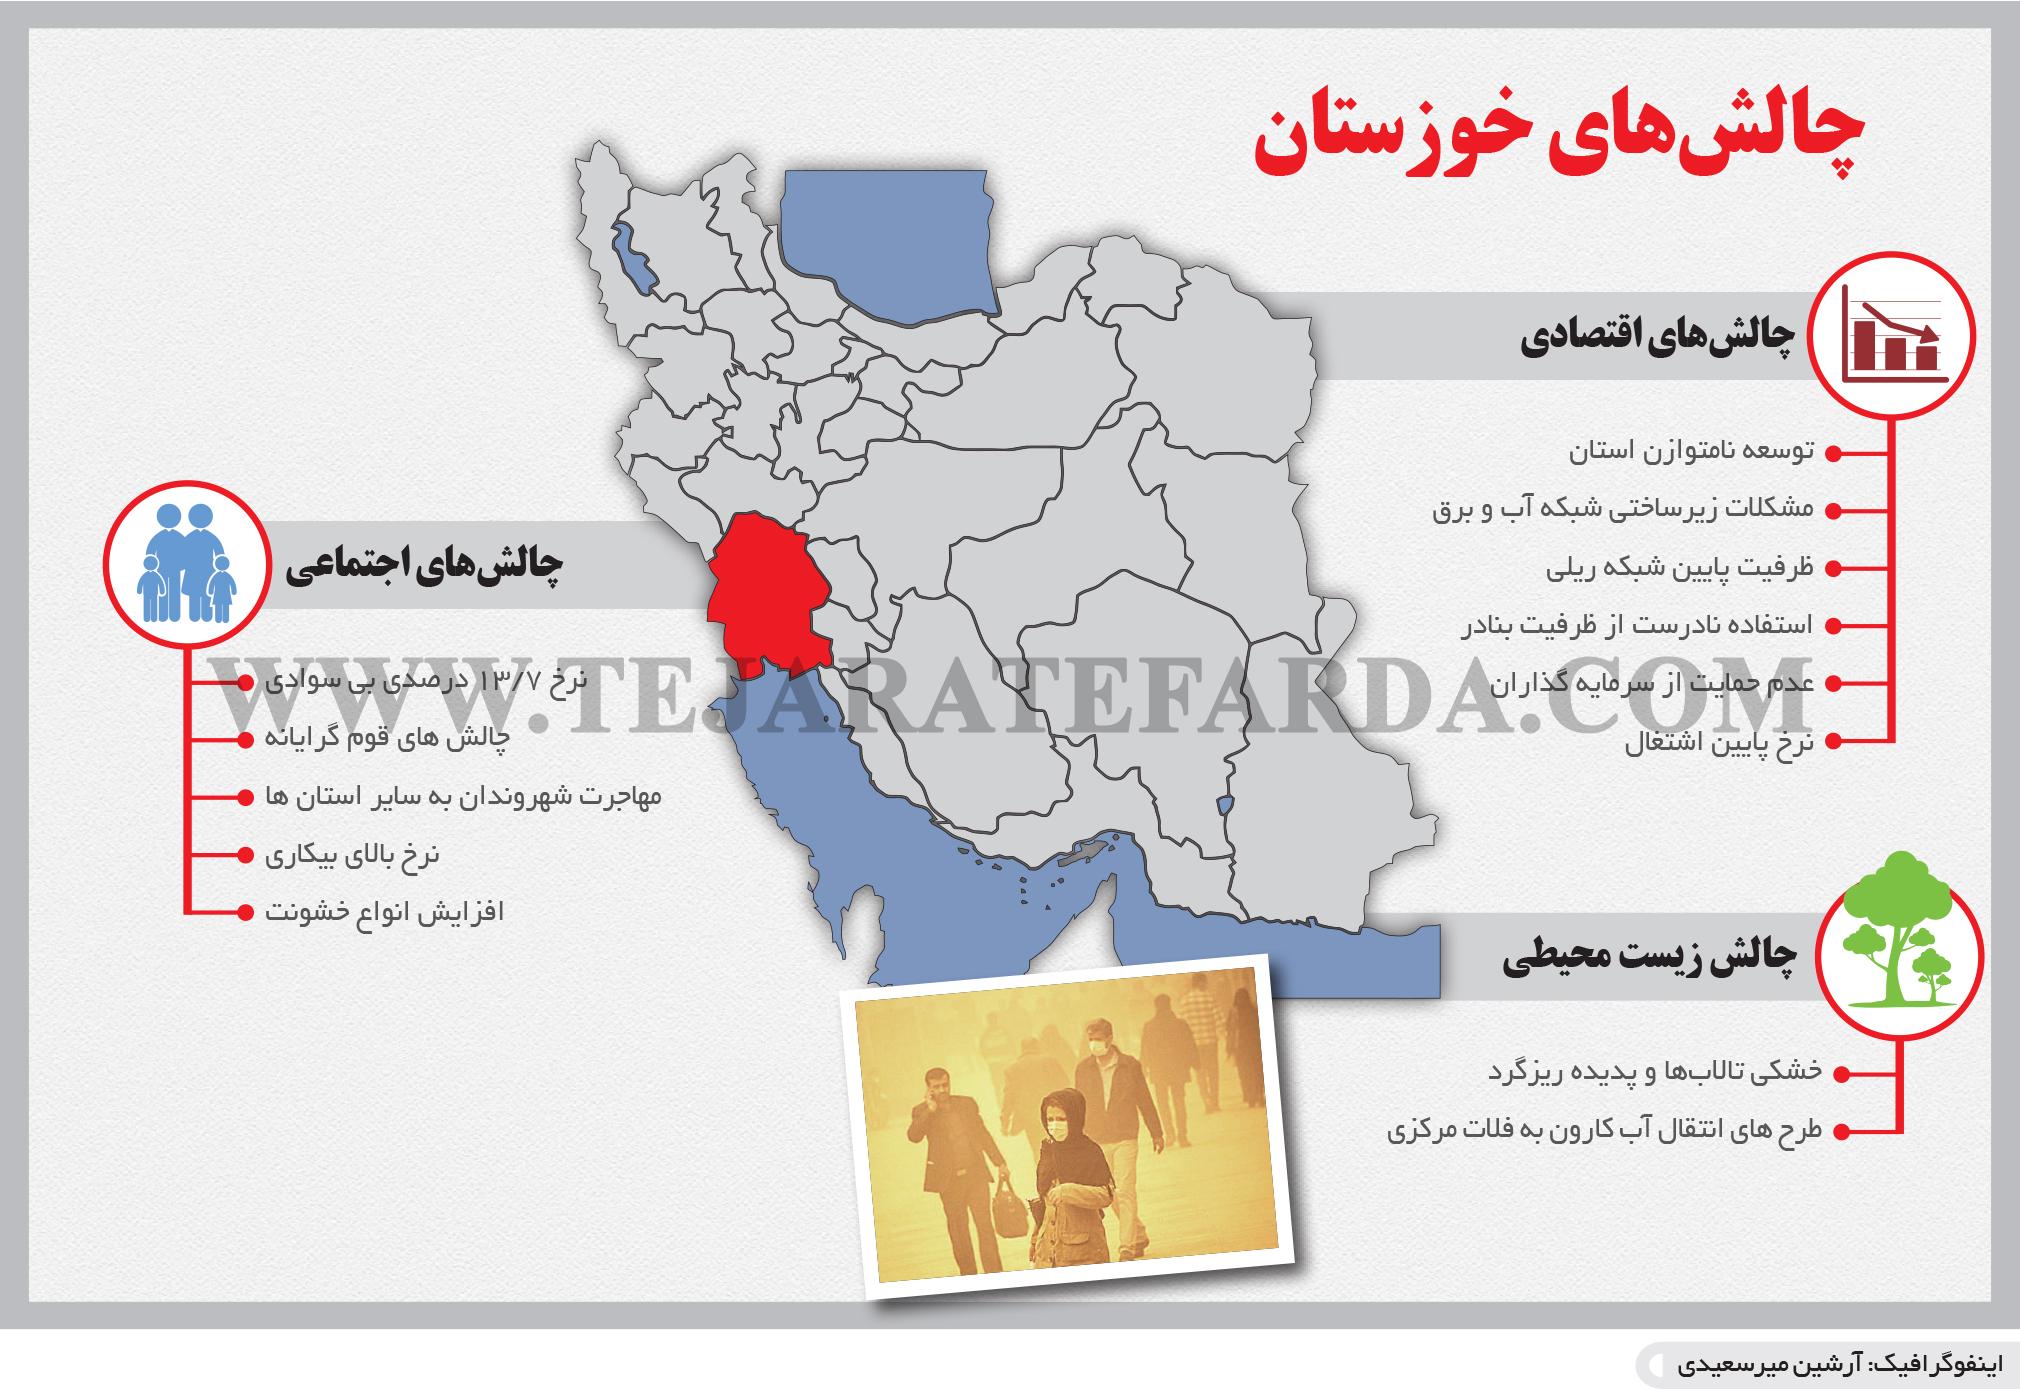 تجارت- فردا- چالشهای خوزستان(اینفوگرافیک)